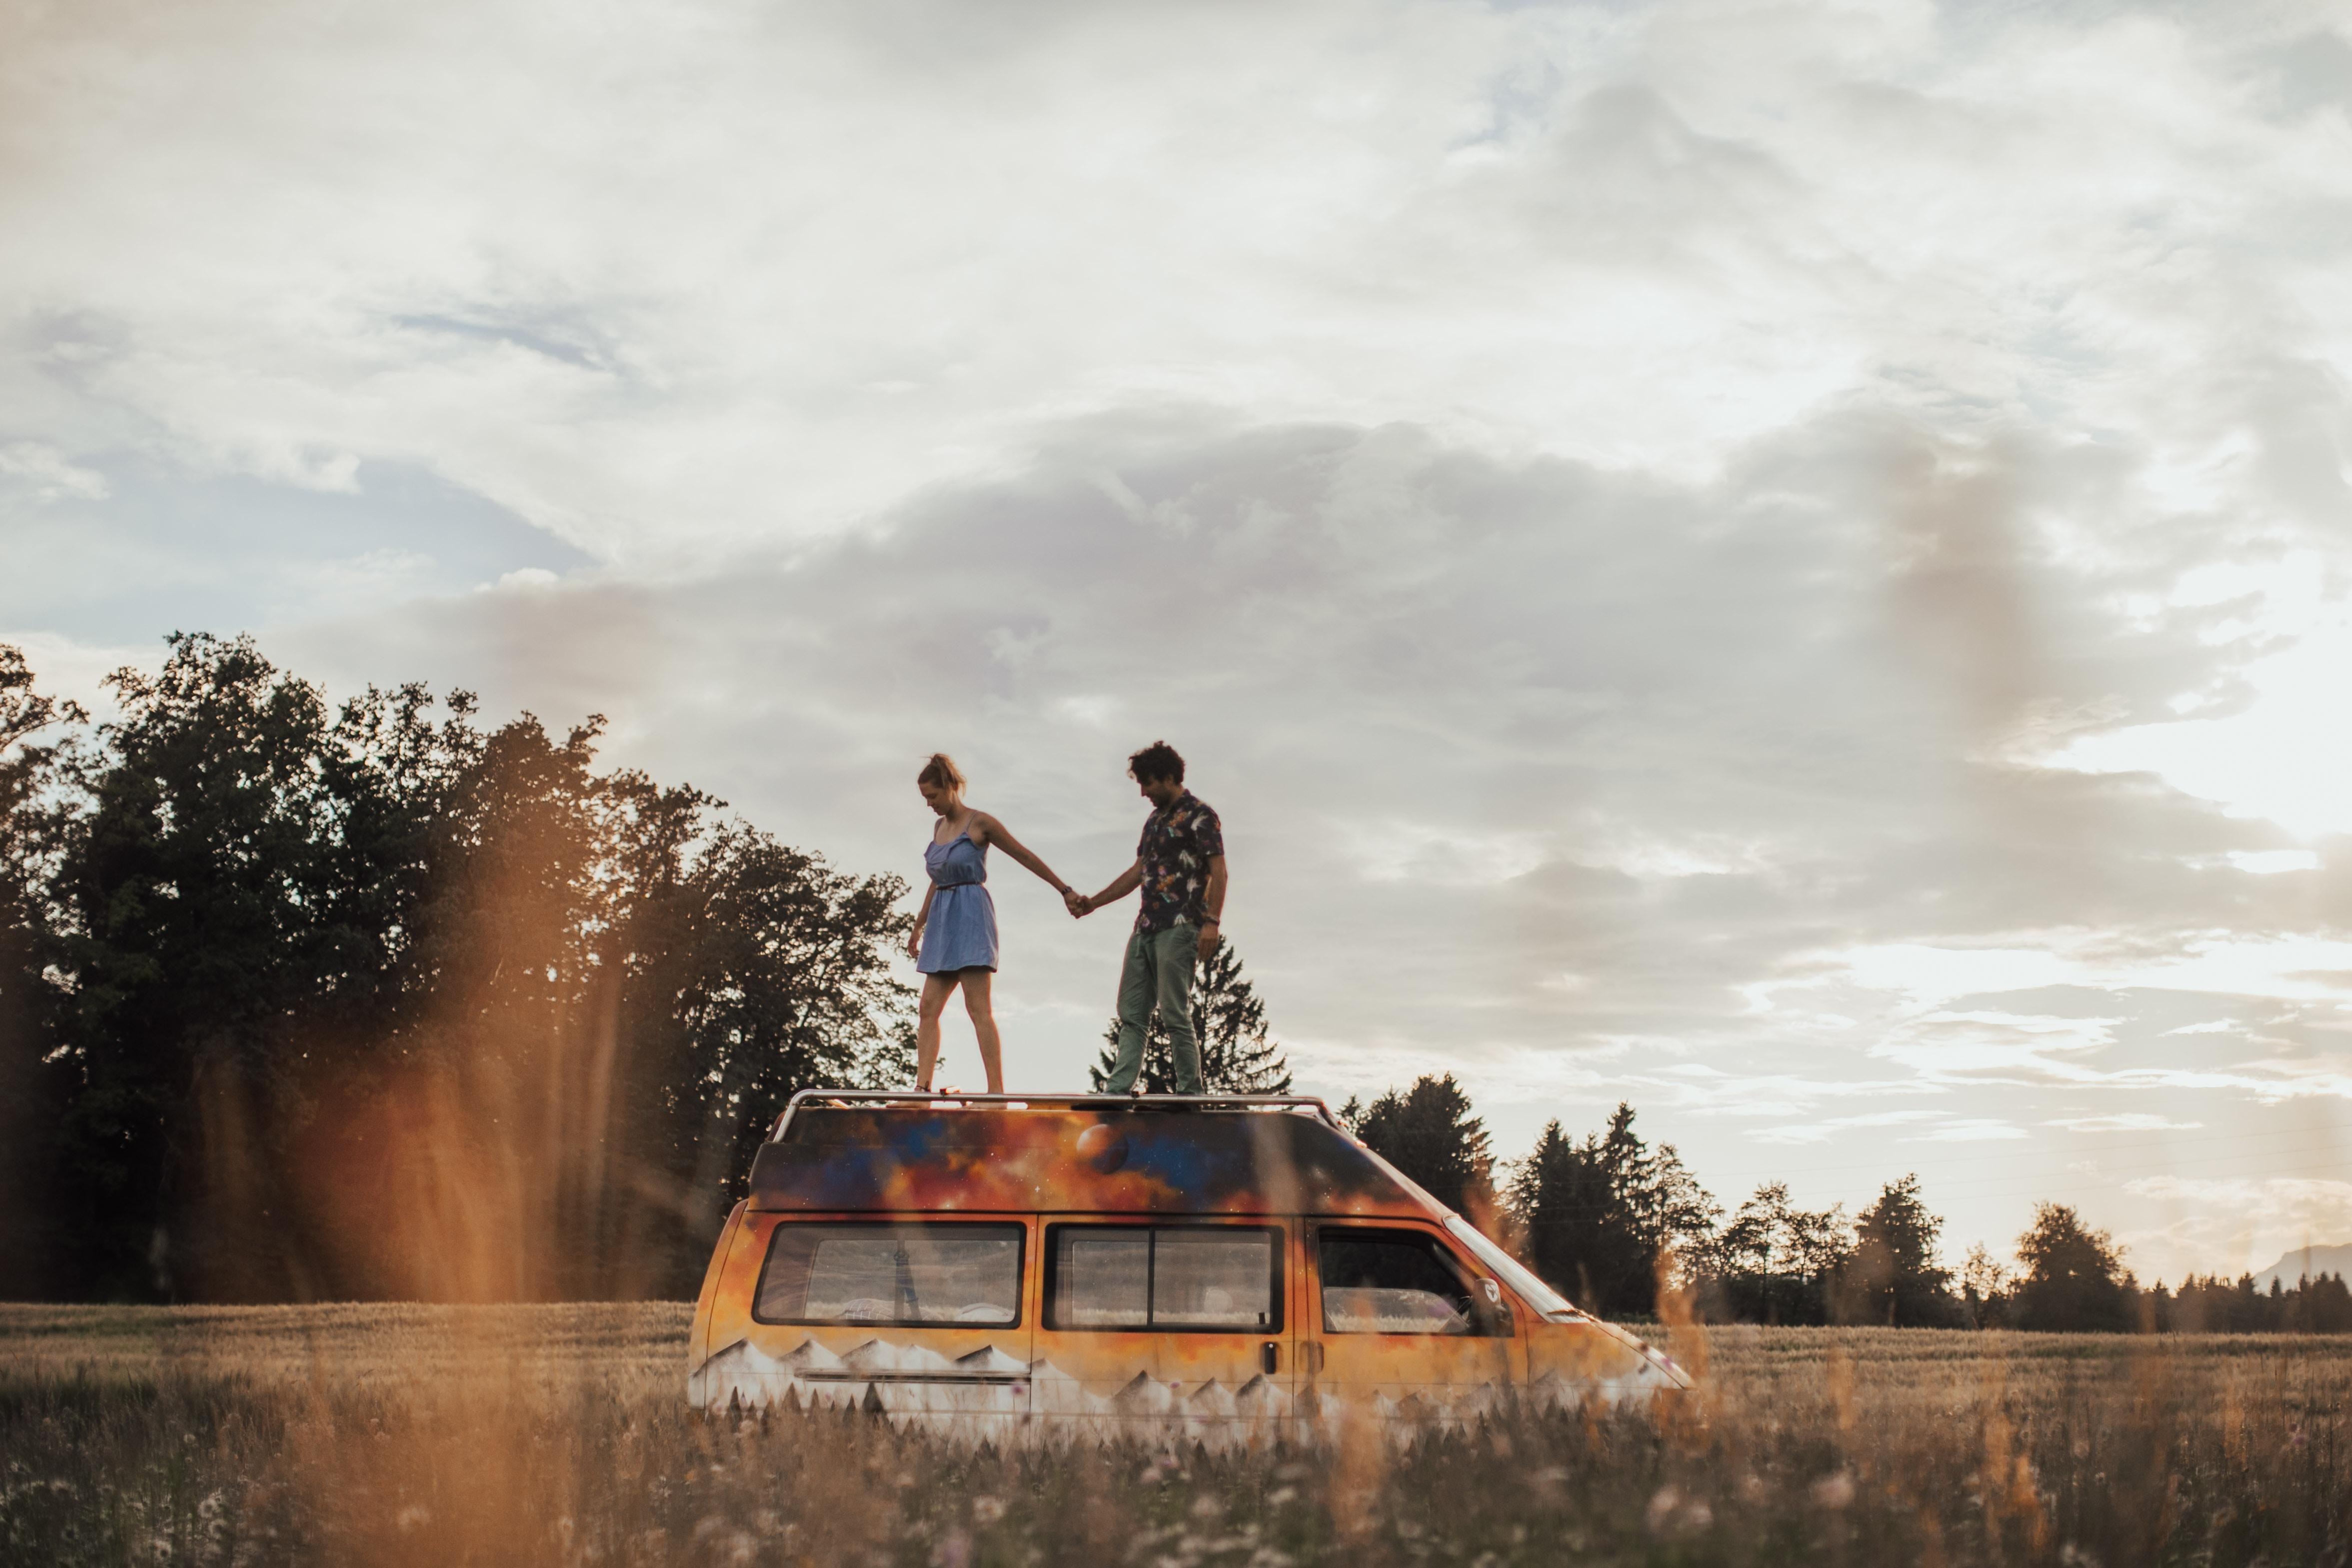 なぜ今世界中の若者が「車中泊」に憧れ、「バンライフ」に熱狂しているのか?